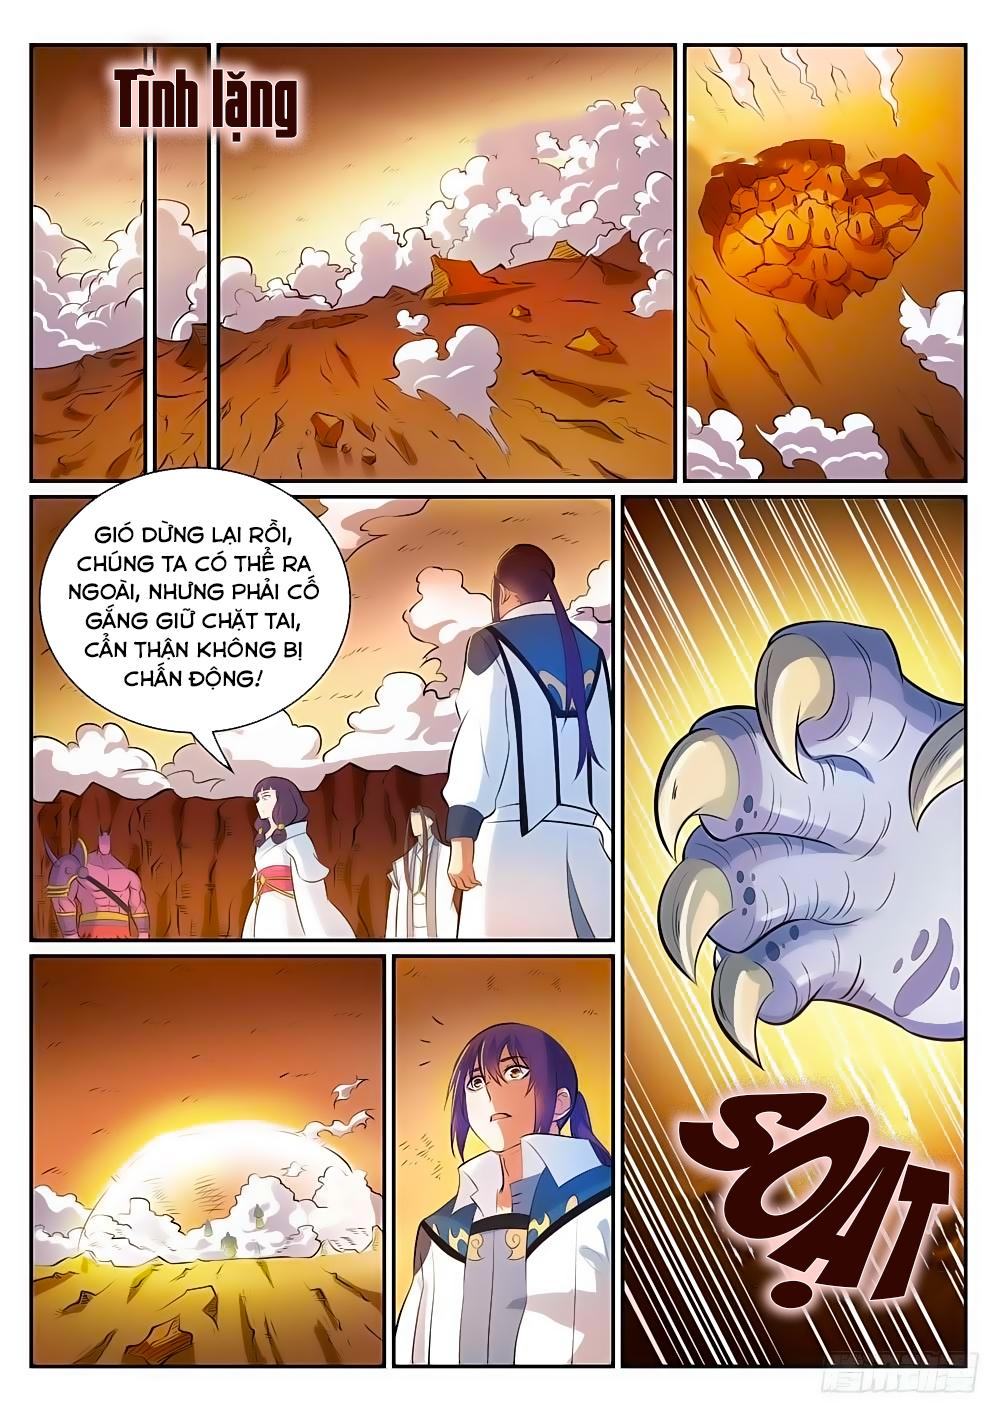 Bách Luyện Thành Thần Chapter 293 - Hamtruyen.vn